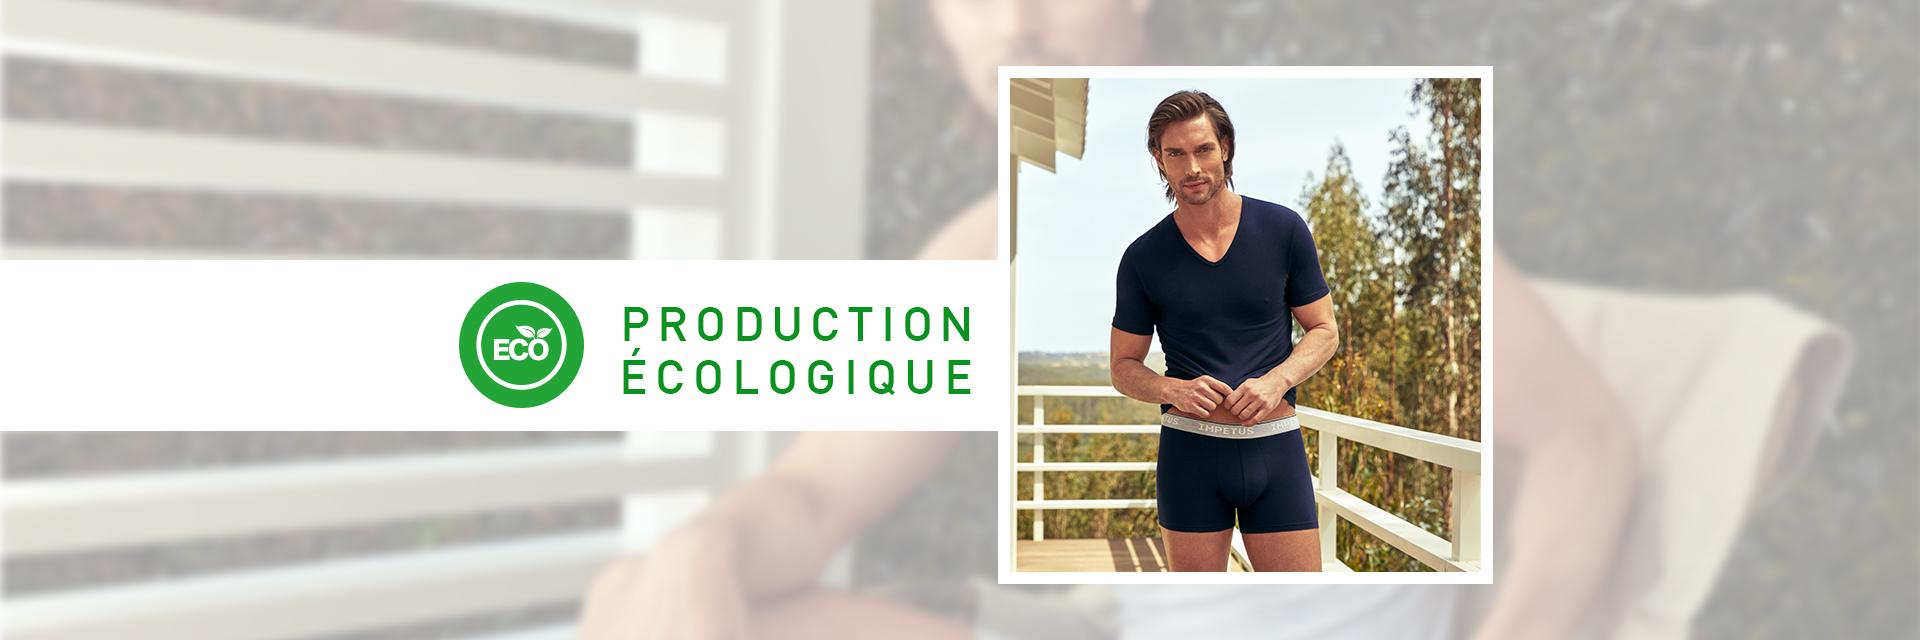 Collection de sous-vêtements à base de fibres organiques | Sous-vêtements Impetus_1